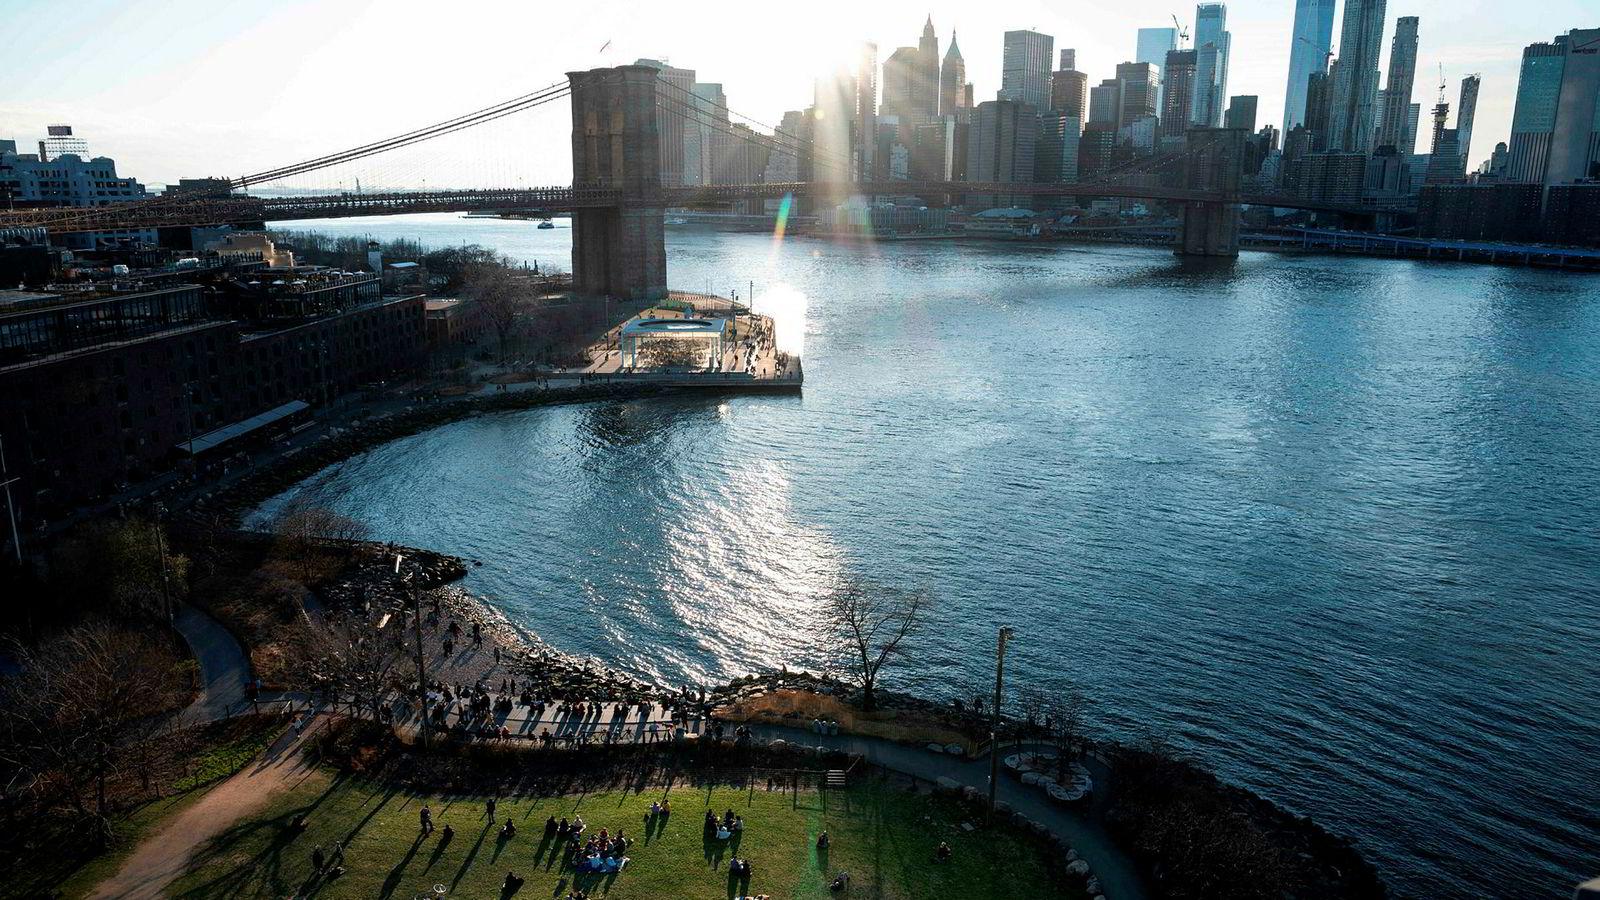 Stigningen i havnivået kan ramme New York og store byer hardt.